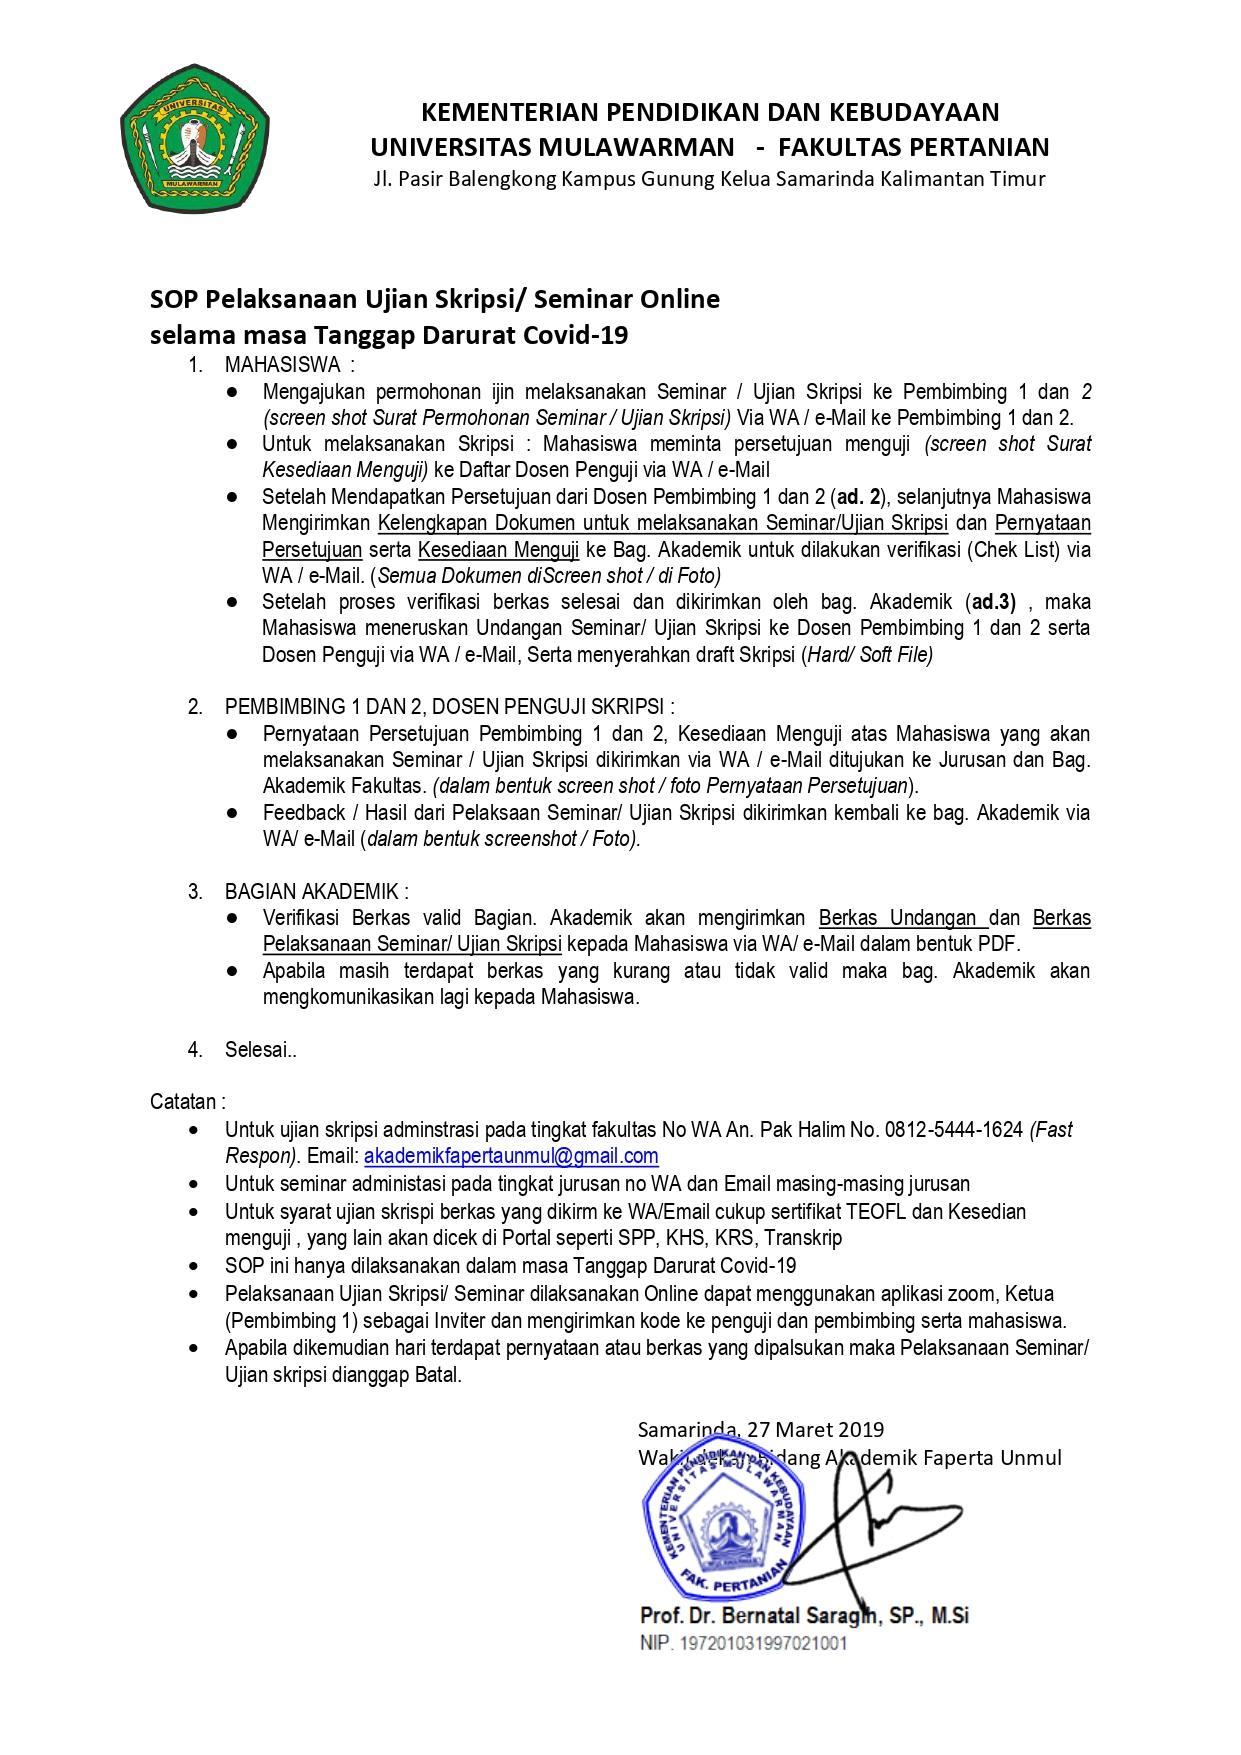 Sop Pelaksanaan Ujian Skripsi Seminar Online Selama Masa Tanggap Darurat Covid 19 Fakultas Pertanian Unmul Fakultas Pertanian